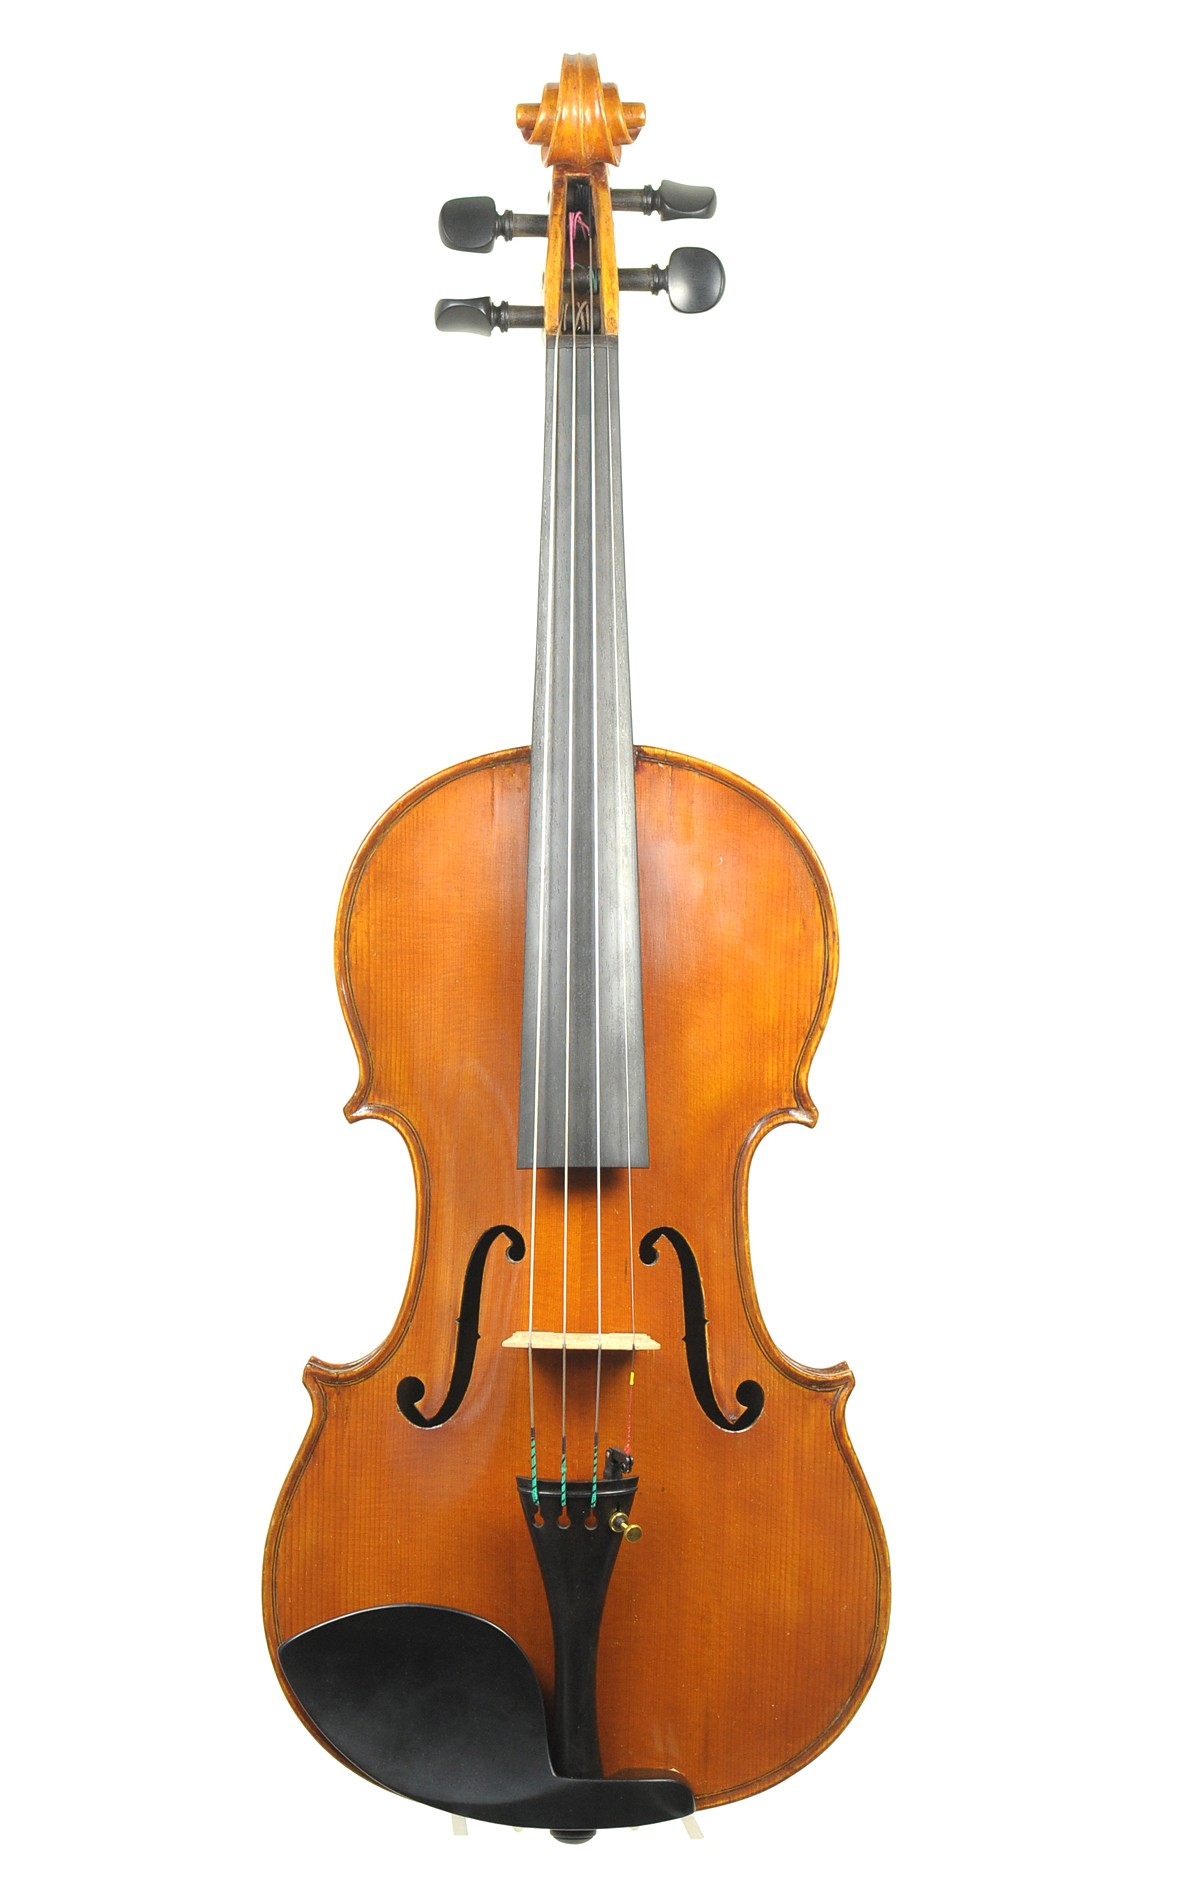 Italian violin by Luigi Galimberti